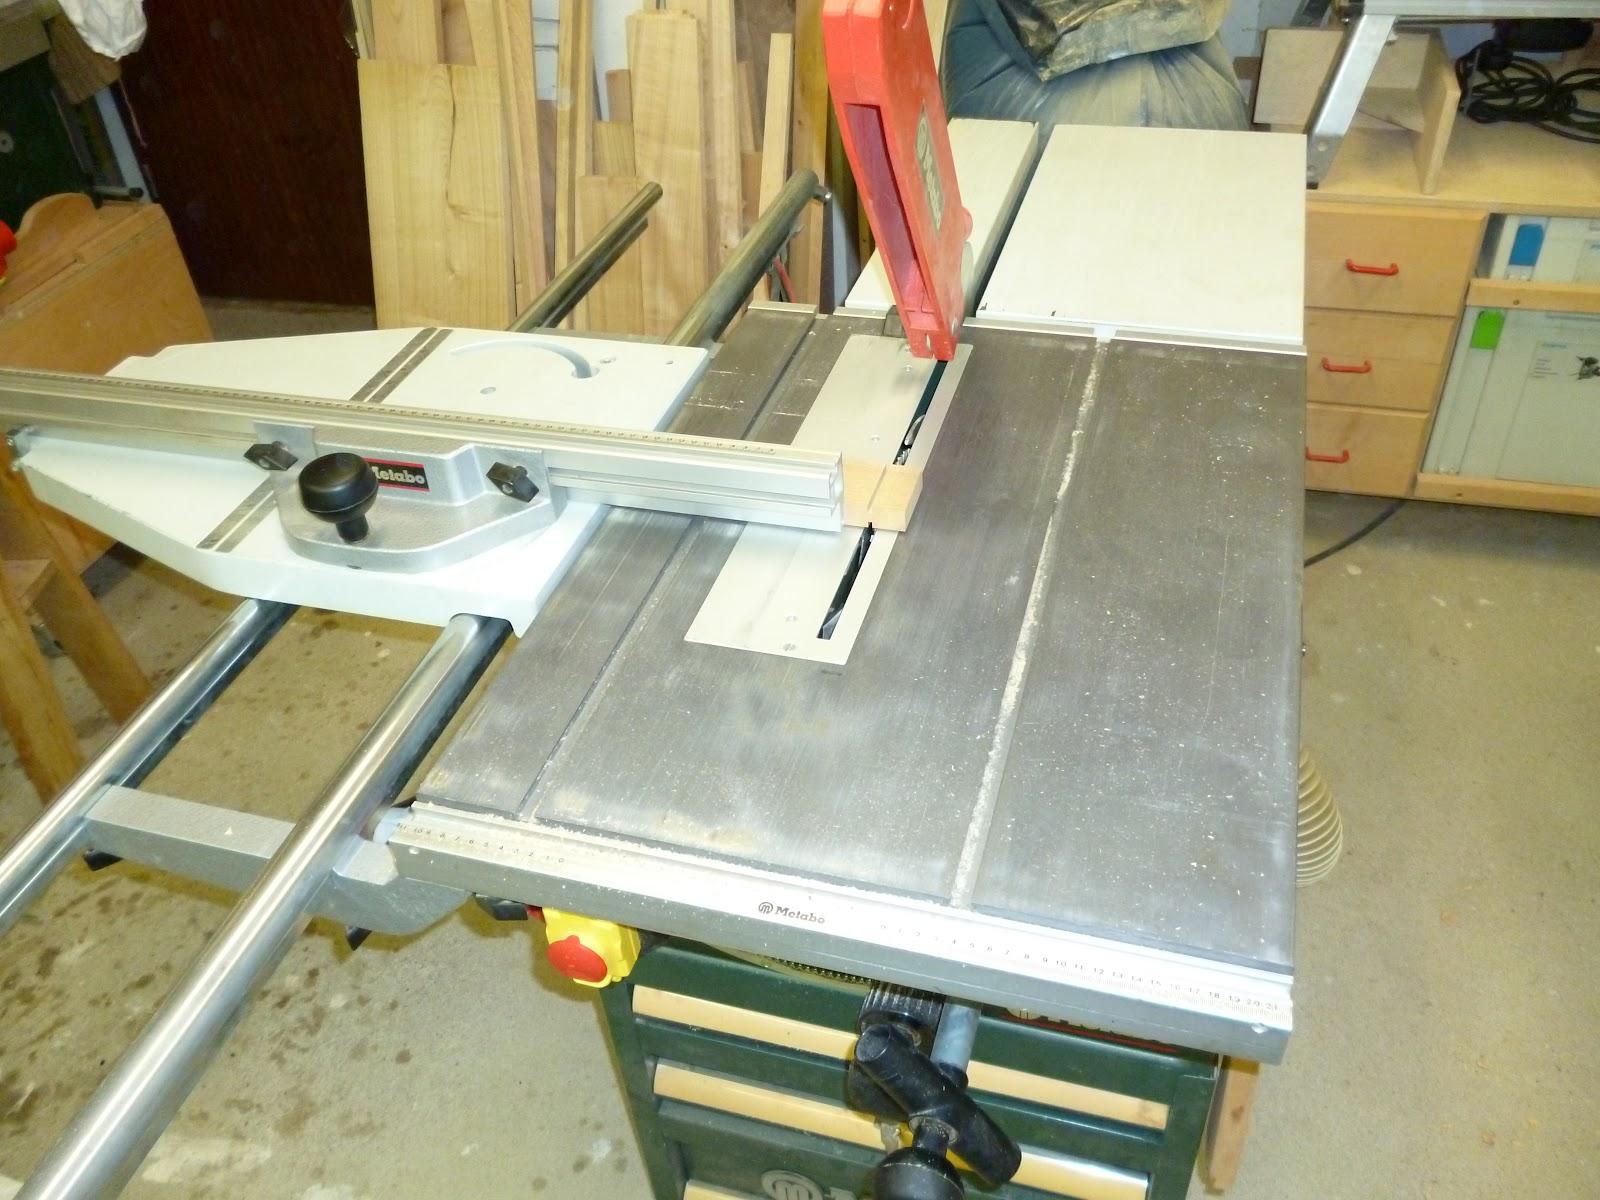 tischkreiss ge mit schlitten industriewerkzeuge ausr stung. Black Bedroom Furniture Sets. Home Design Ideas